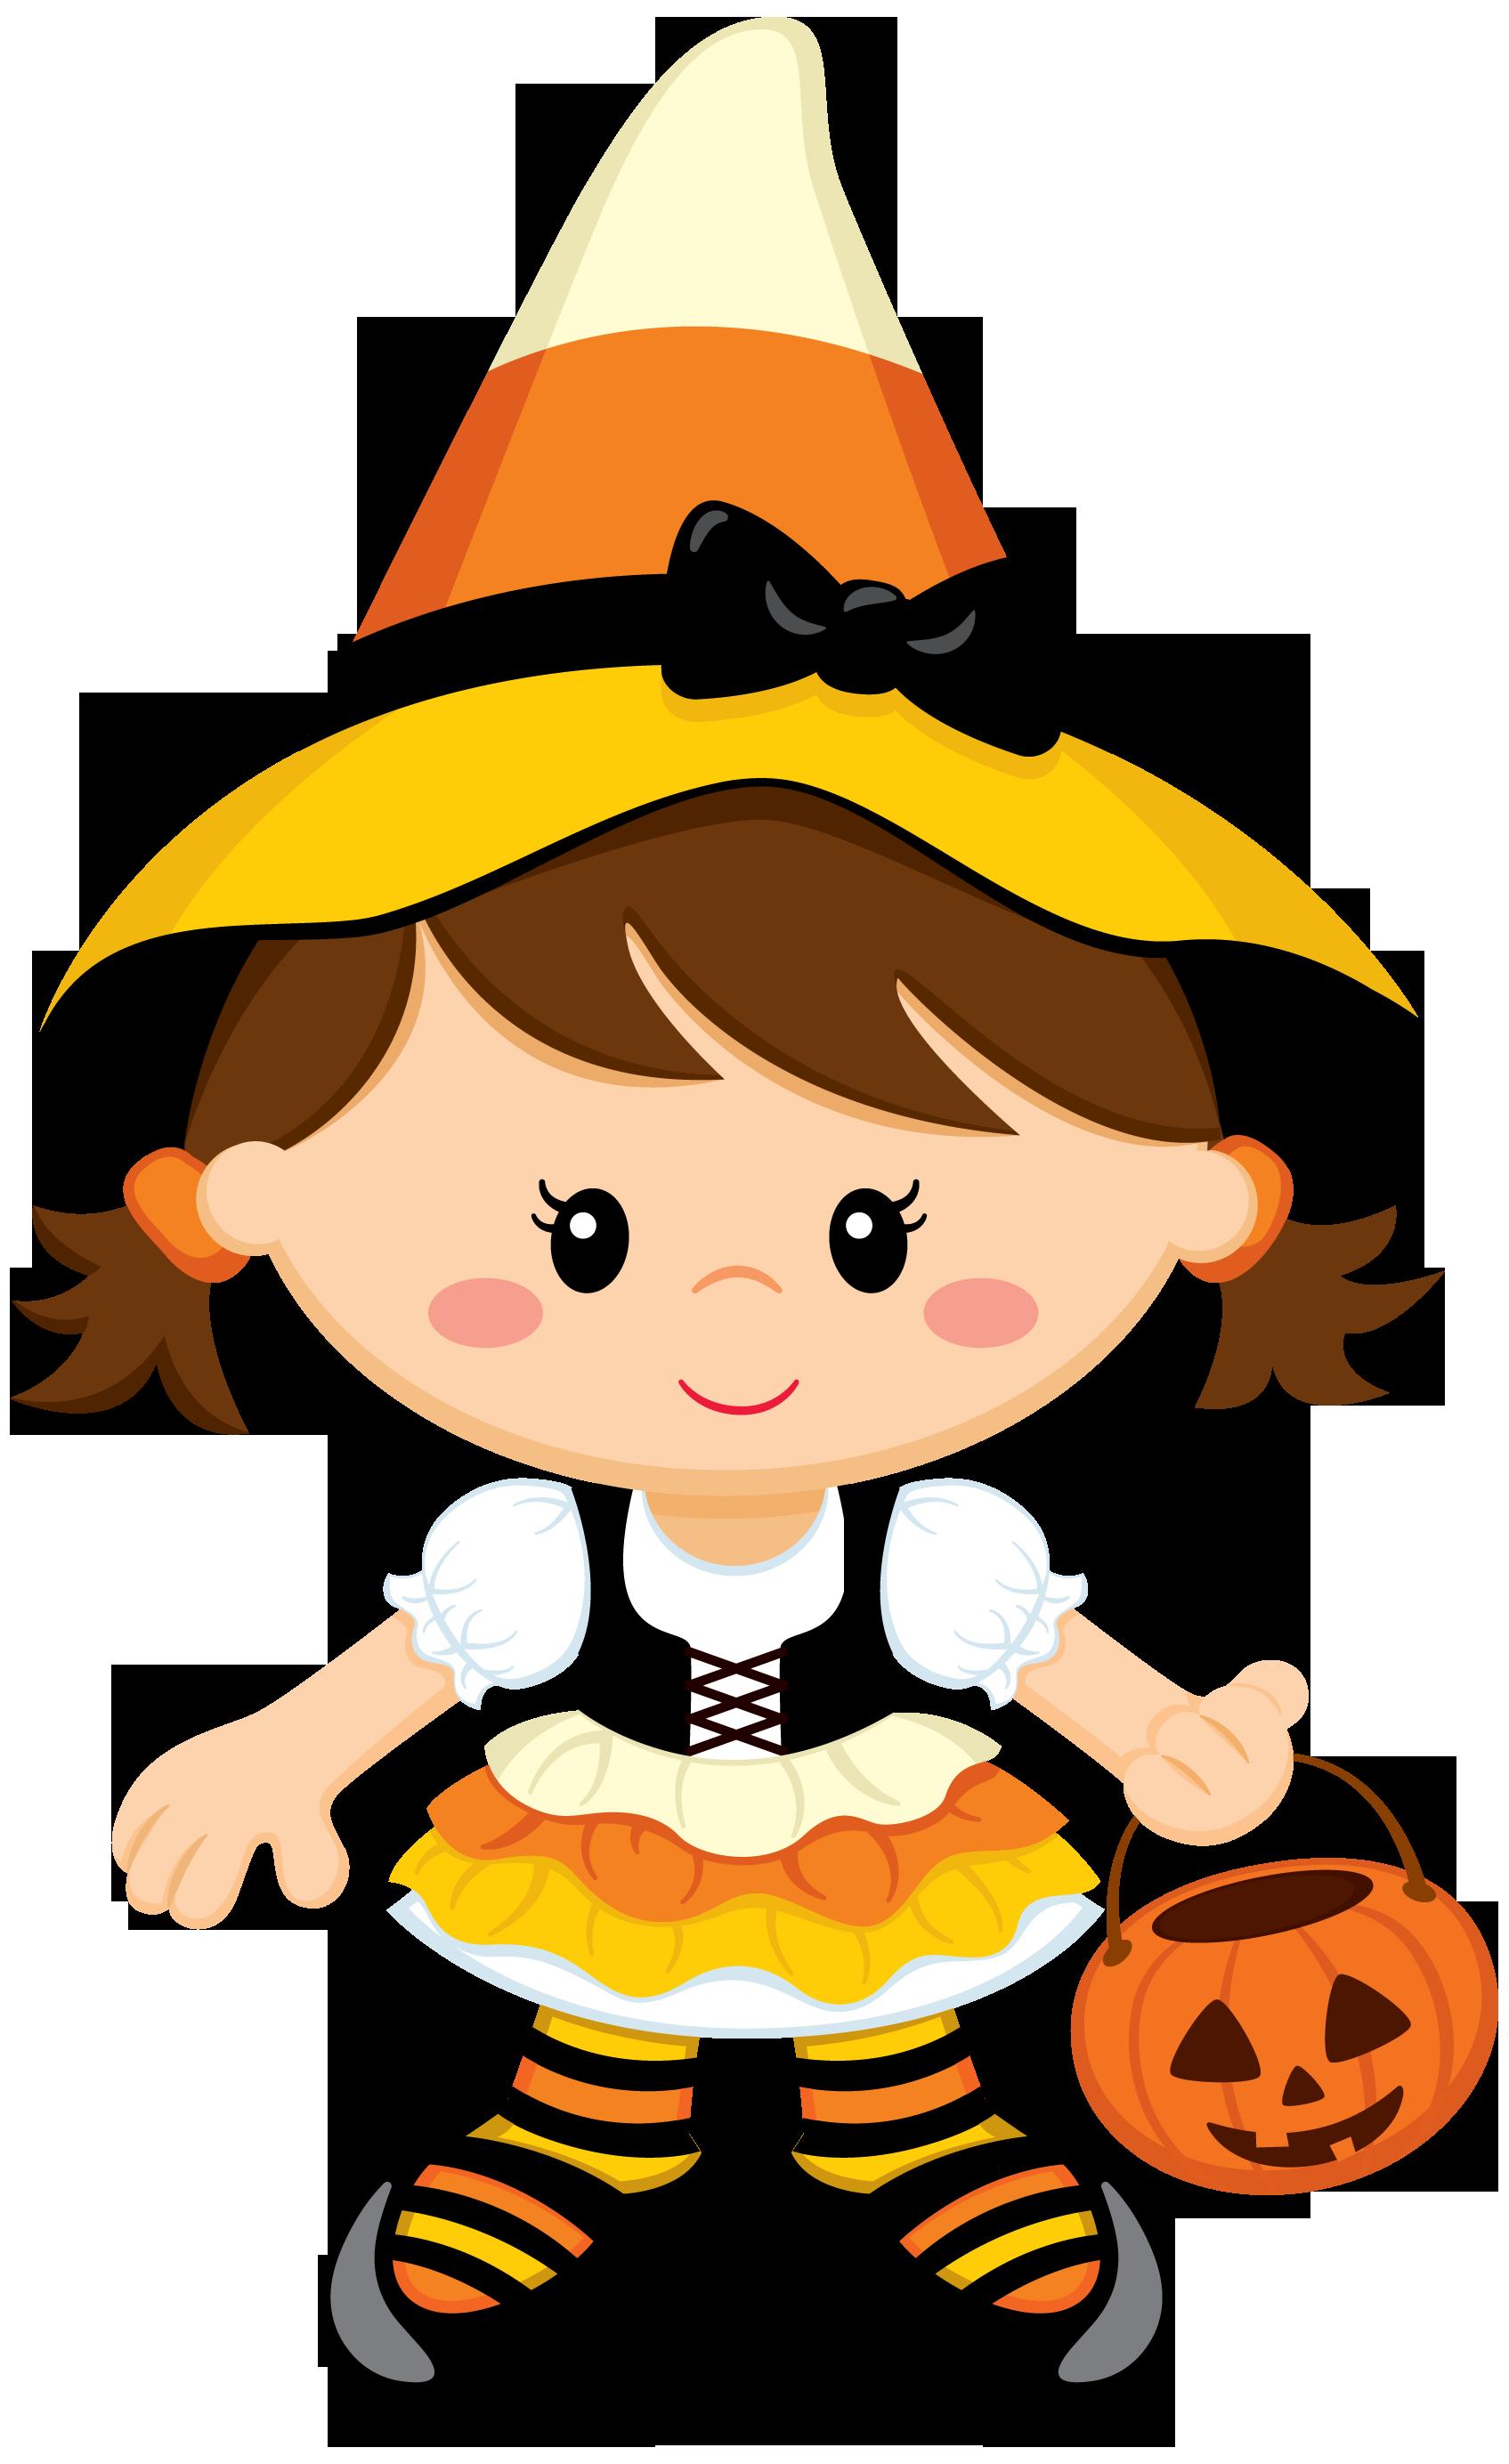 Brujita Ilustración de halloween, Dibujos animados de